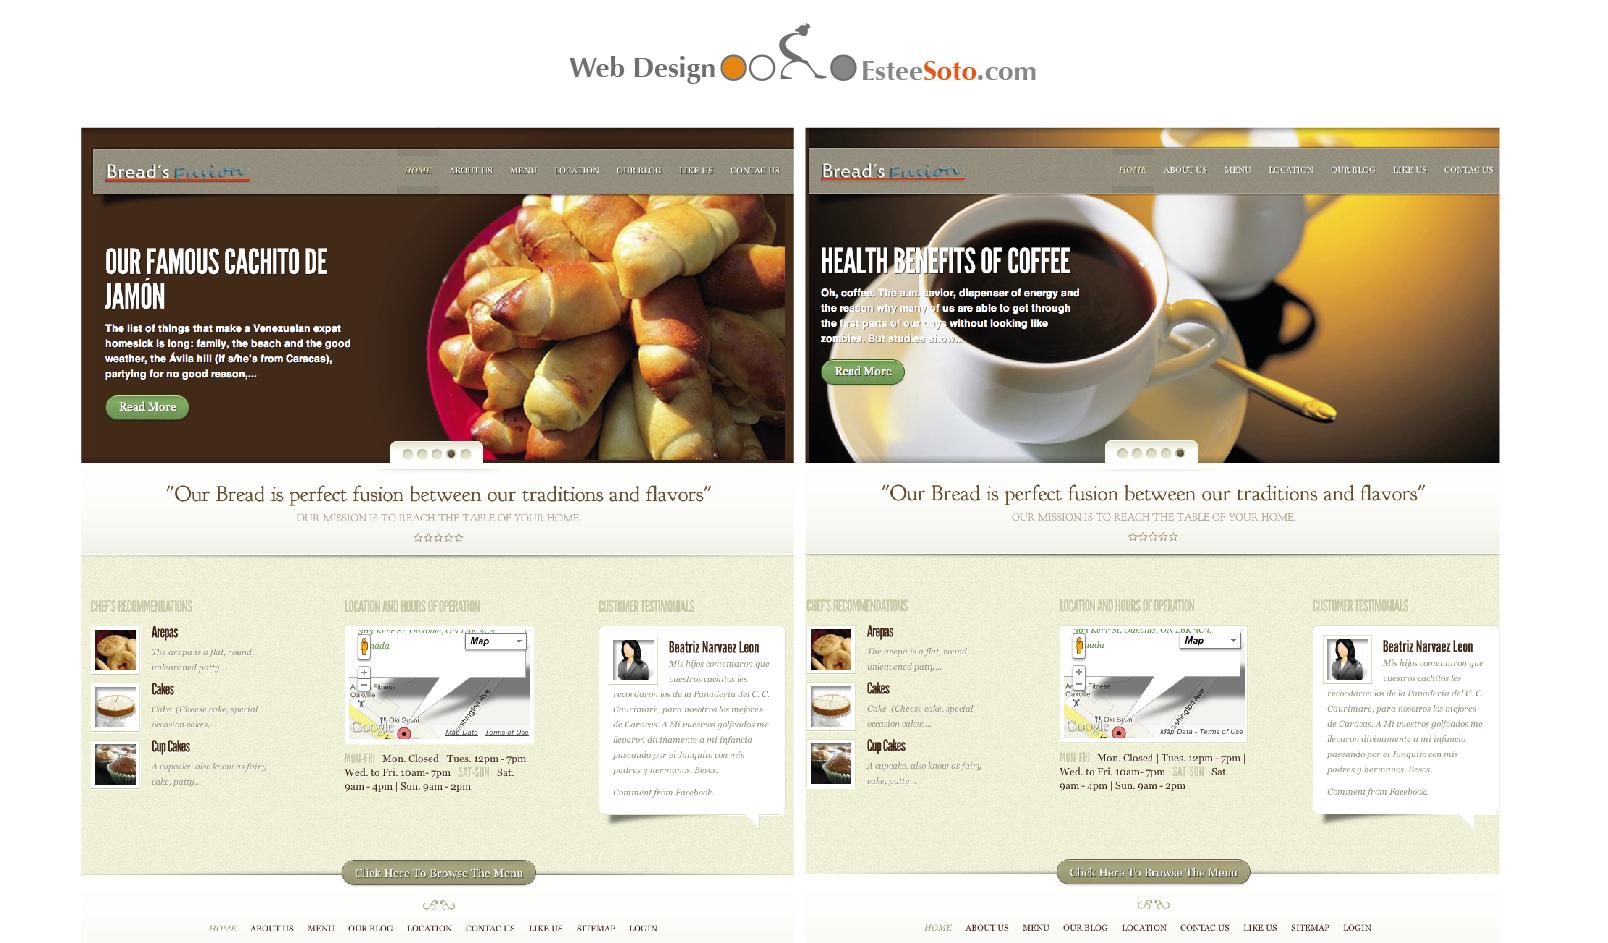 BreadsFusion.com Website